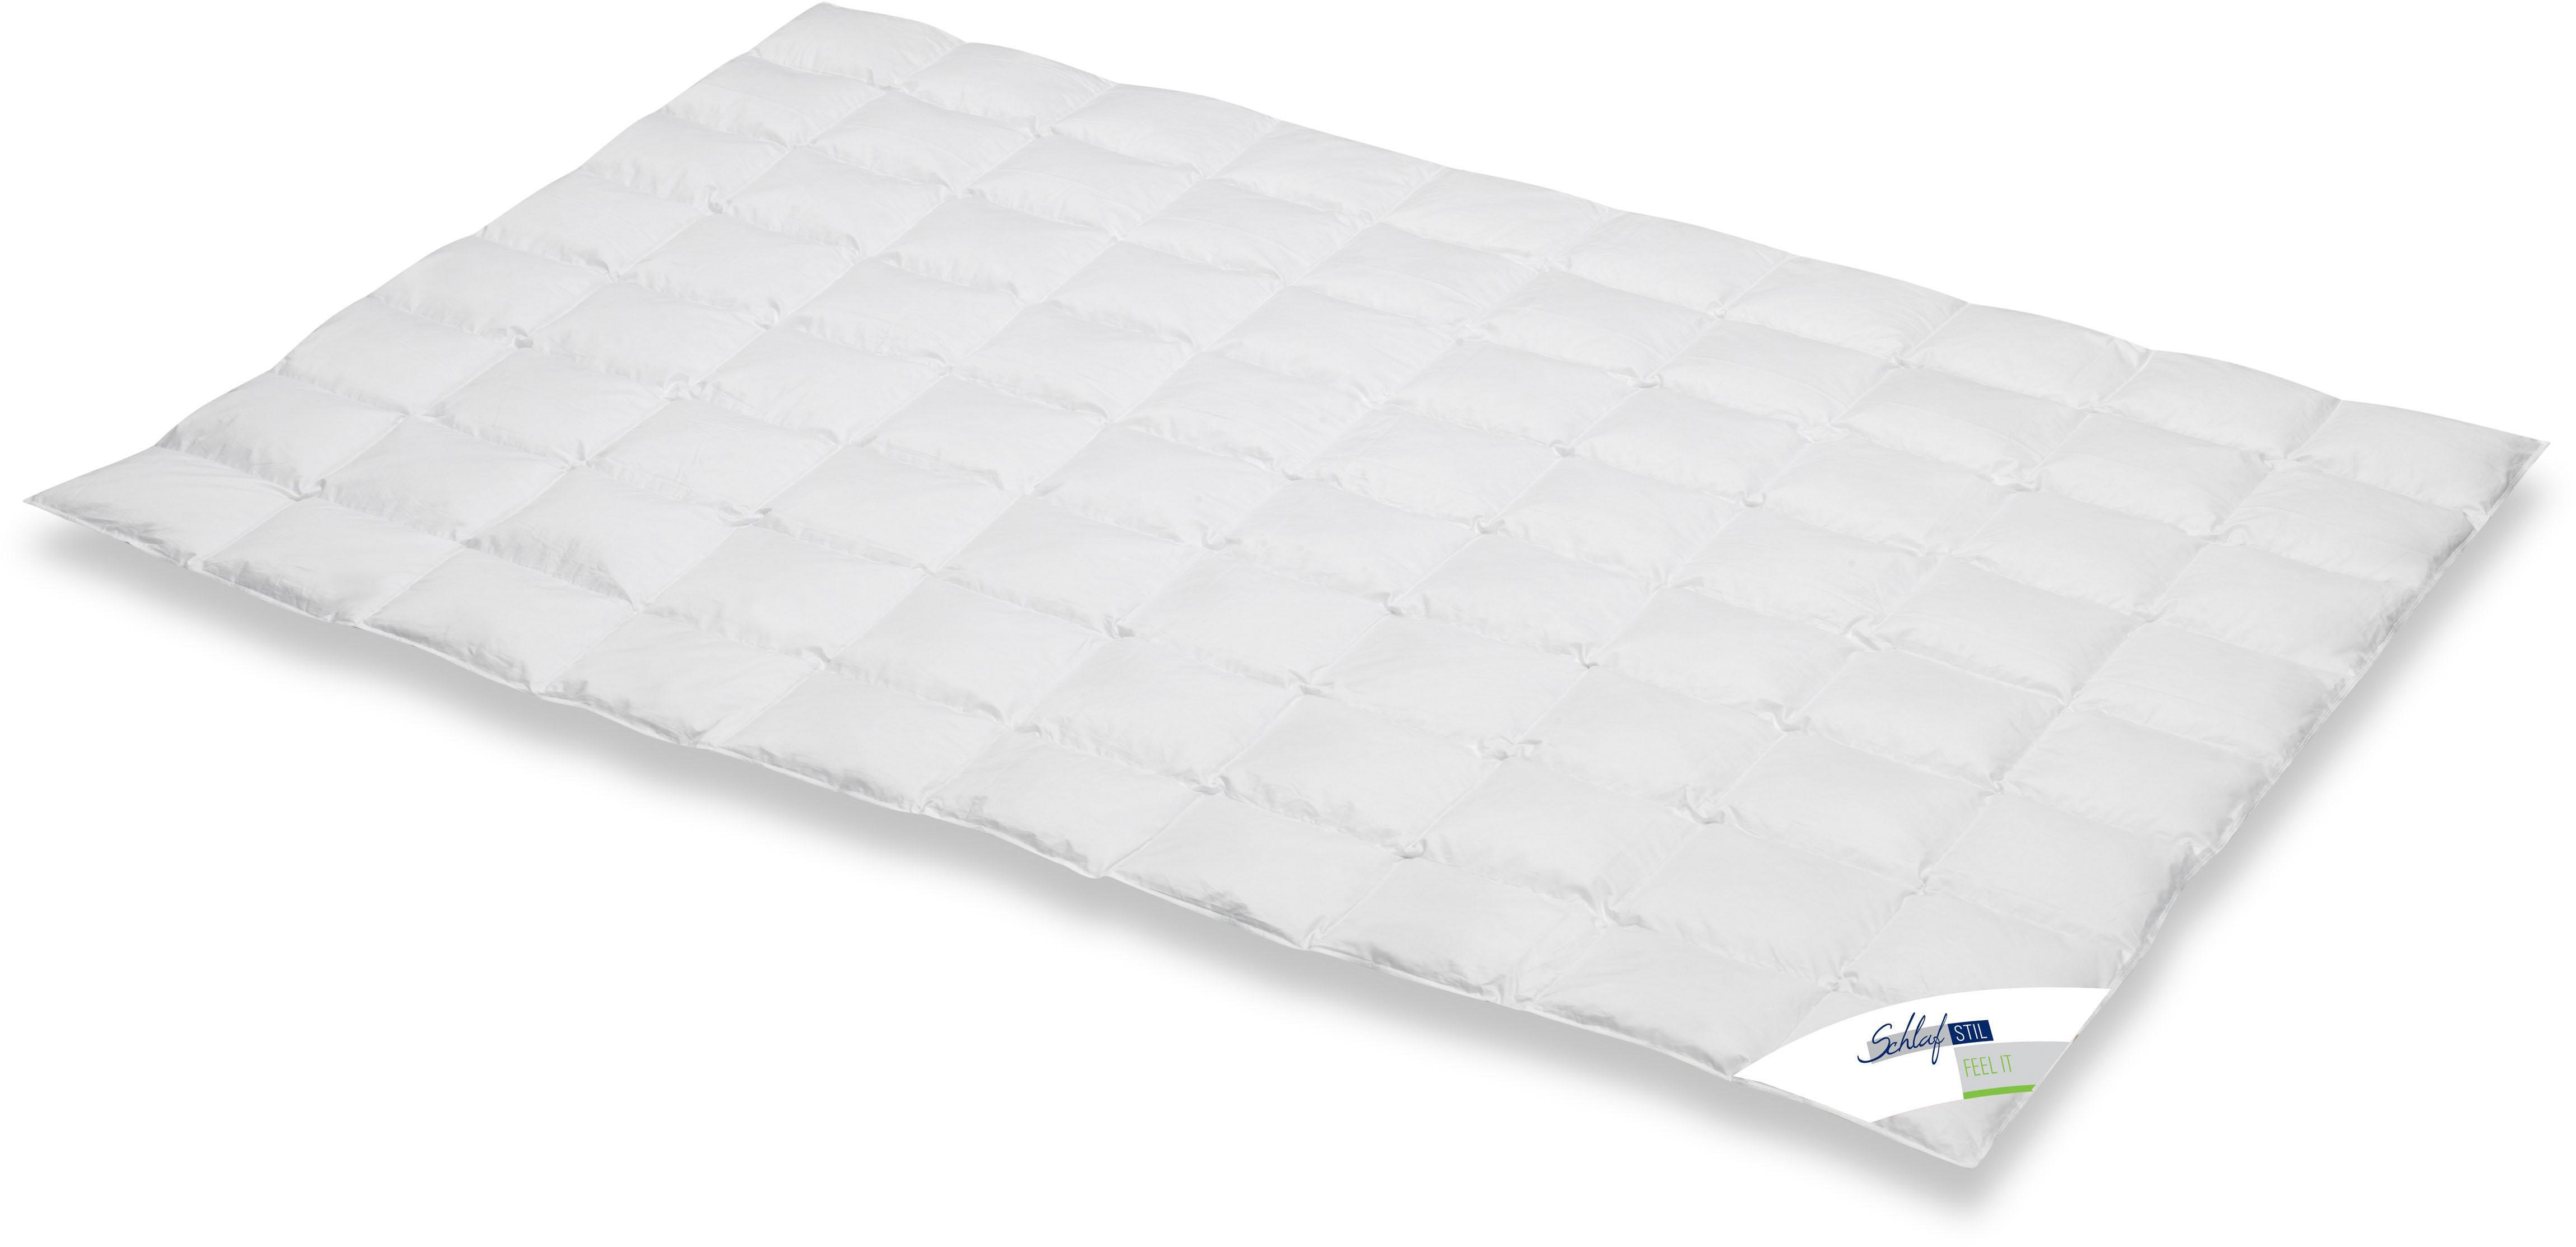 Daunenbettdecke Feel It Schlafstil leicht Füllung: 100% Daunen Bezug: 100% Baumwolle